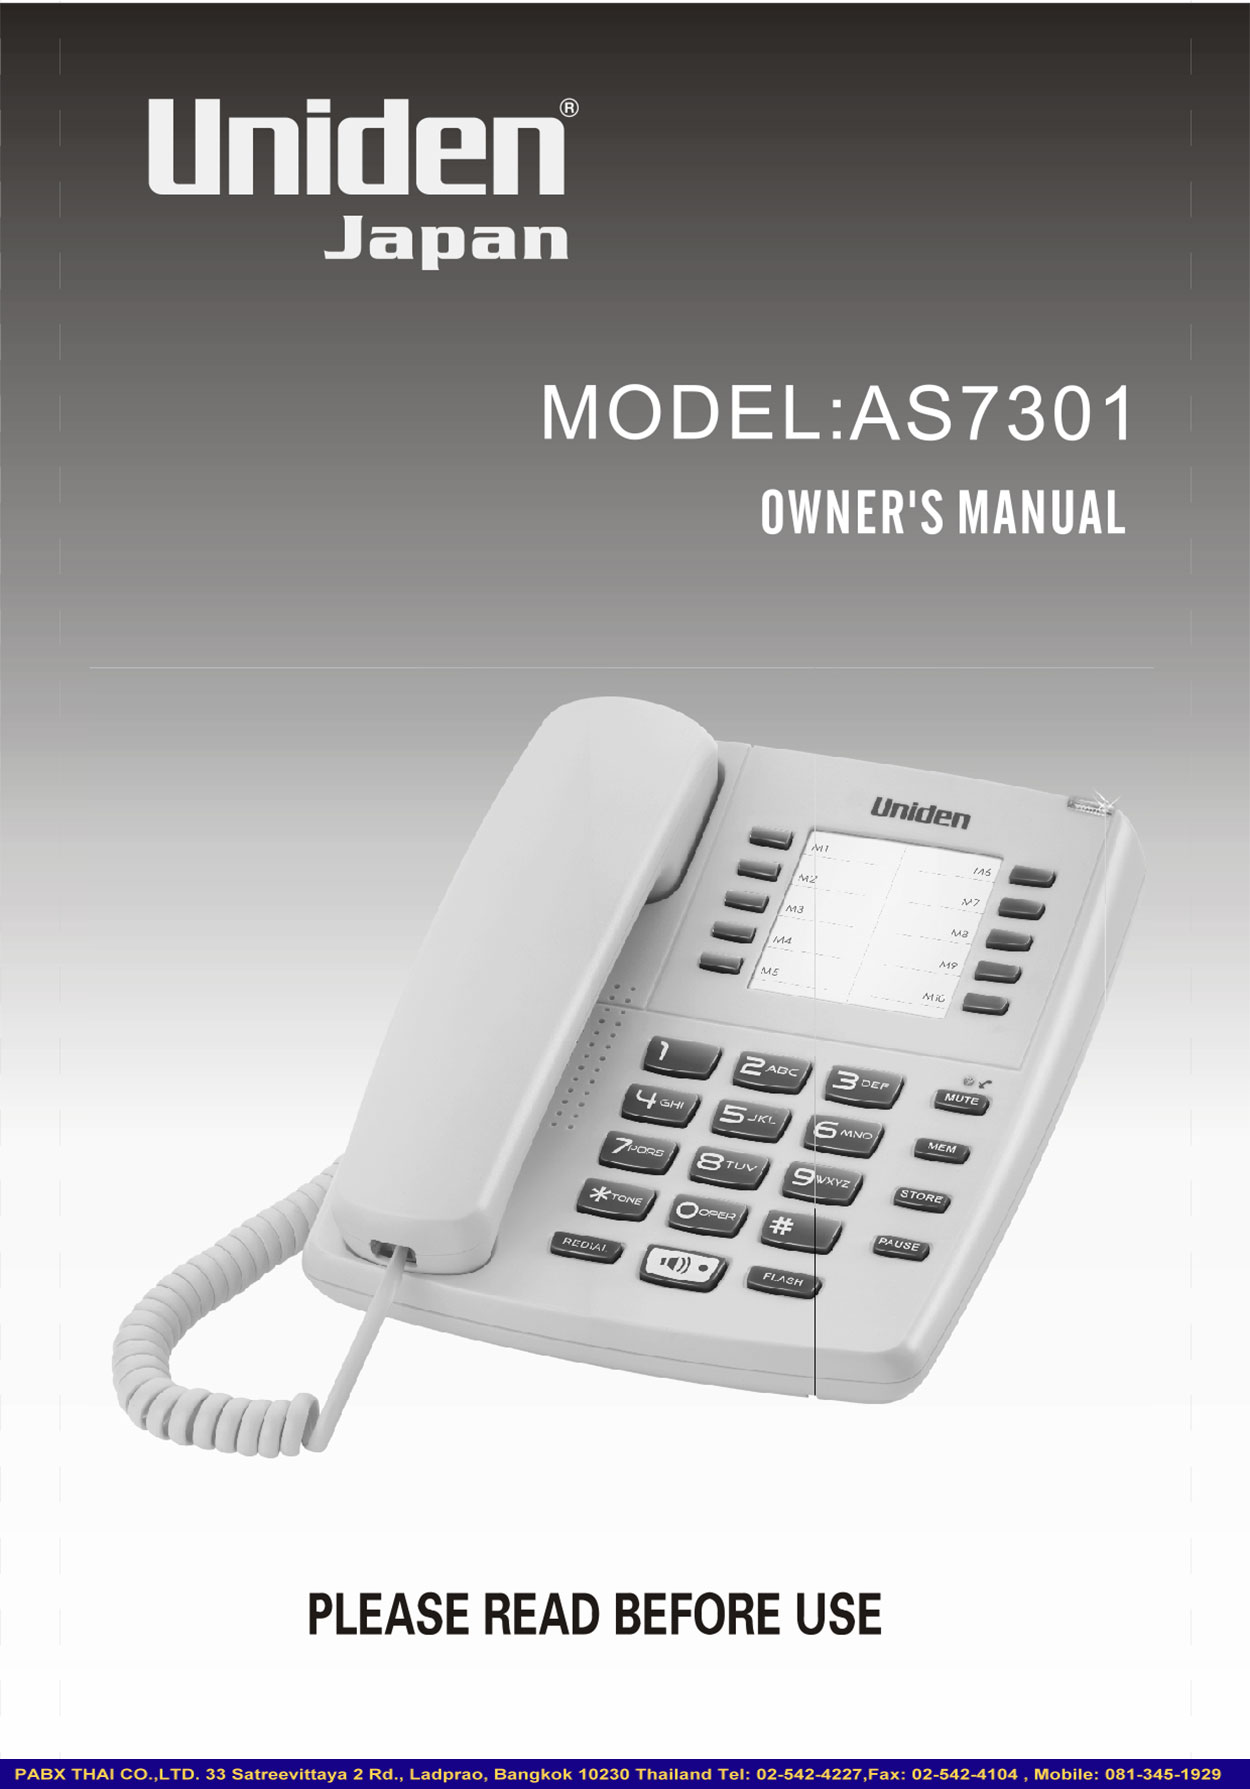 โทรศัพท์สายเดียว Single Line ยี่ห้อ UNIDEN รุ่น AS7301